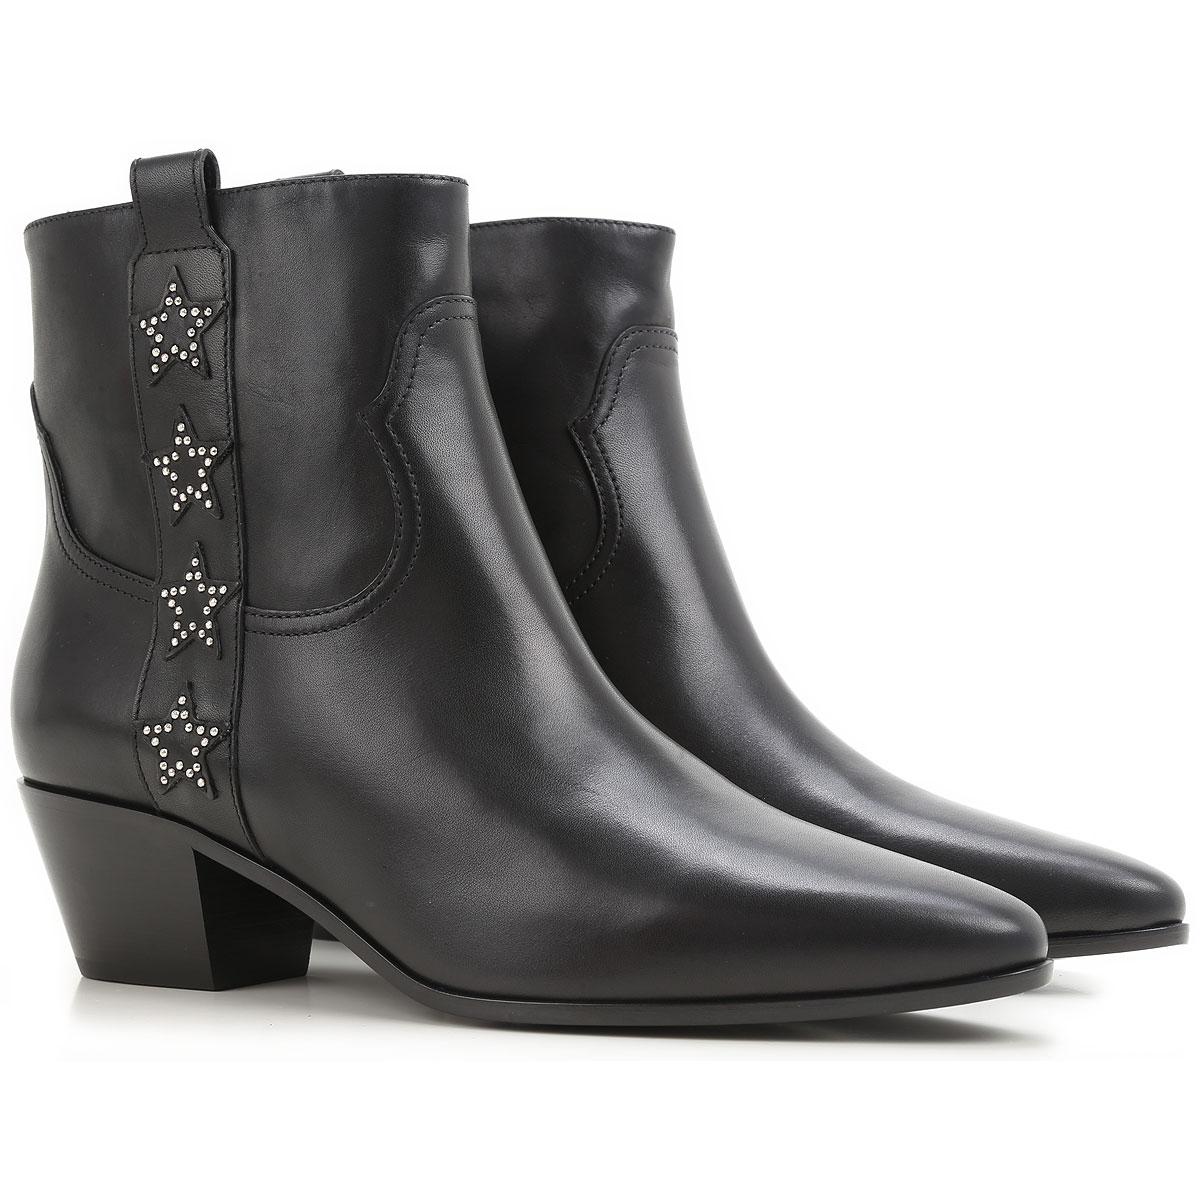 chaussures femme yves saint laurent code produit 447576 aqs00 1000. Black Bedroom Furniture Sets. Home Design Ideas